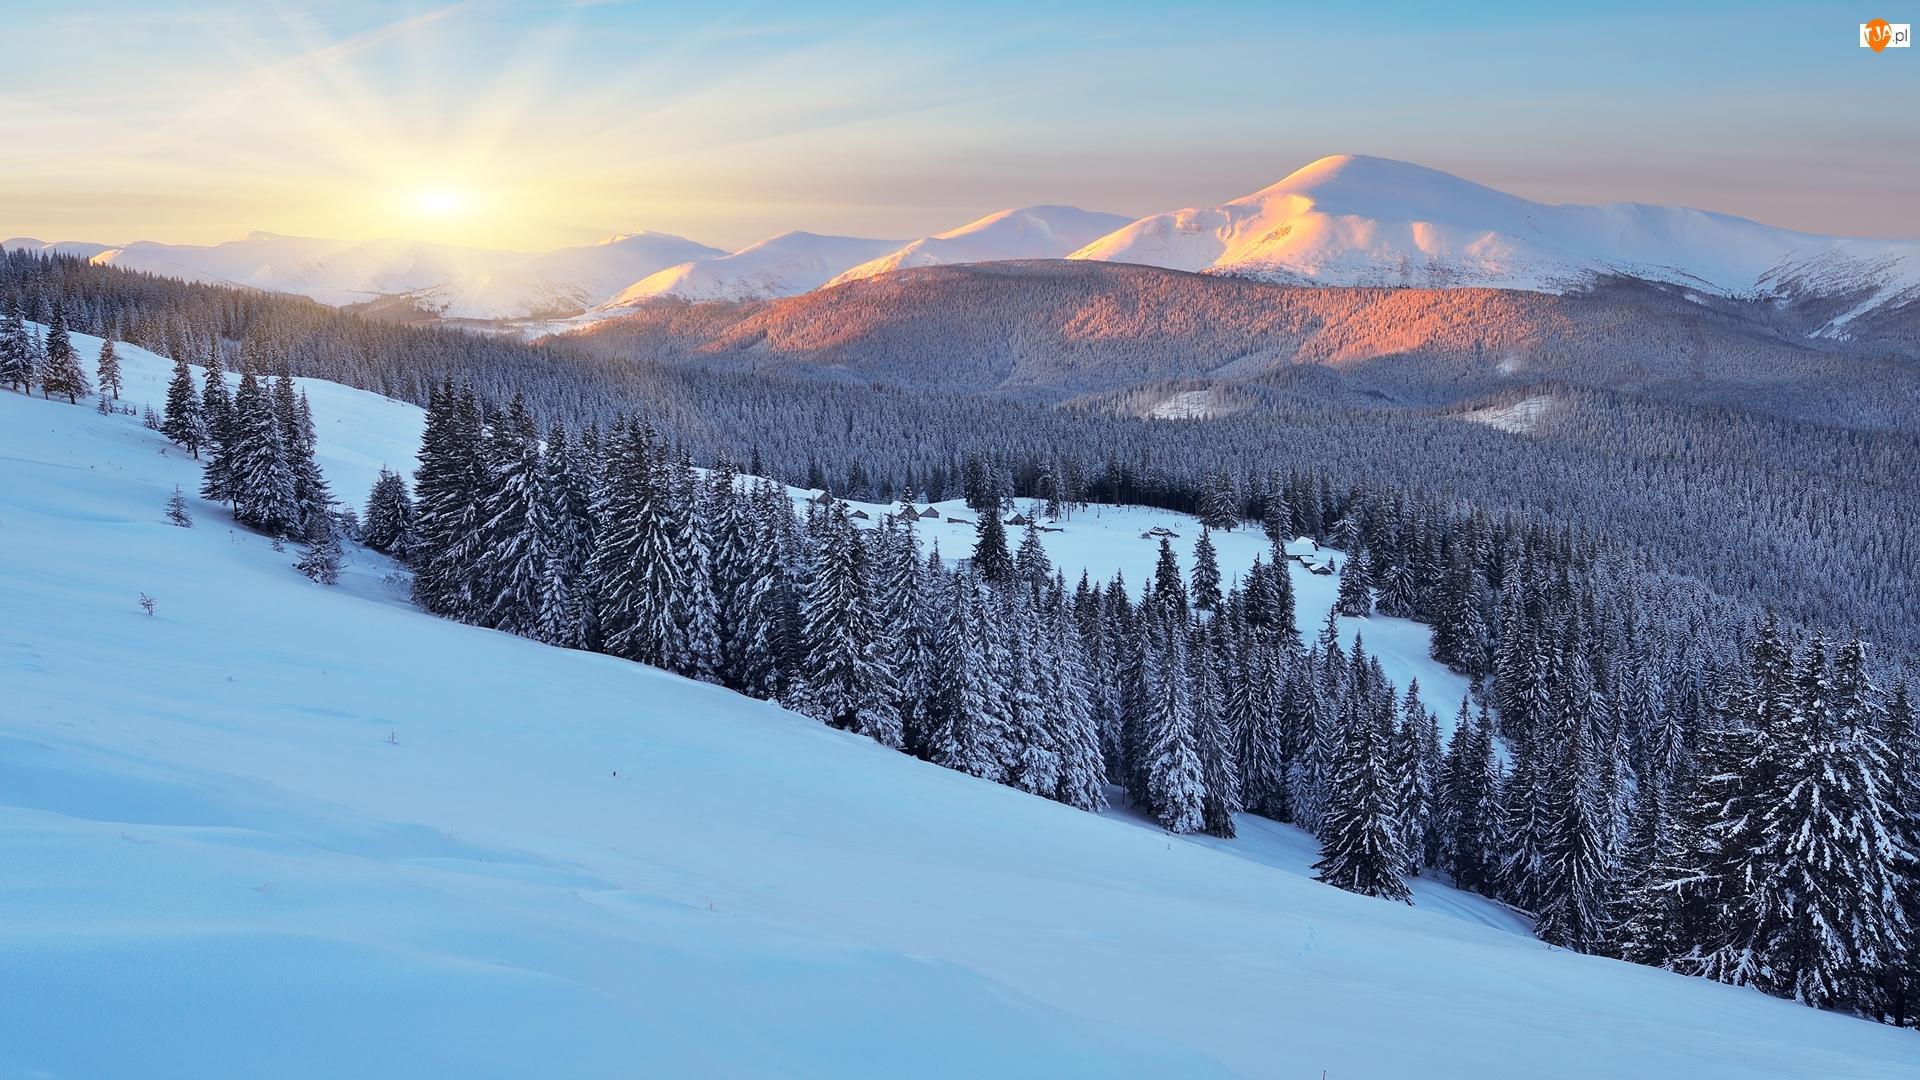 Zima, Ukraina, Drzewa, Wschód słońca, Góry Karpaty, Las